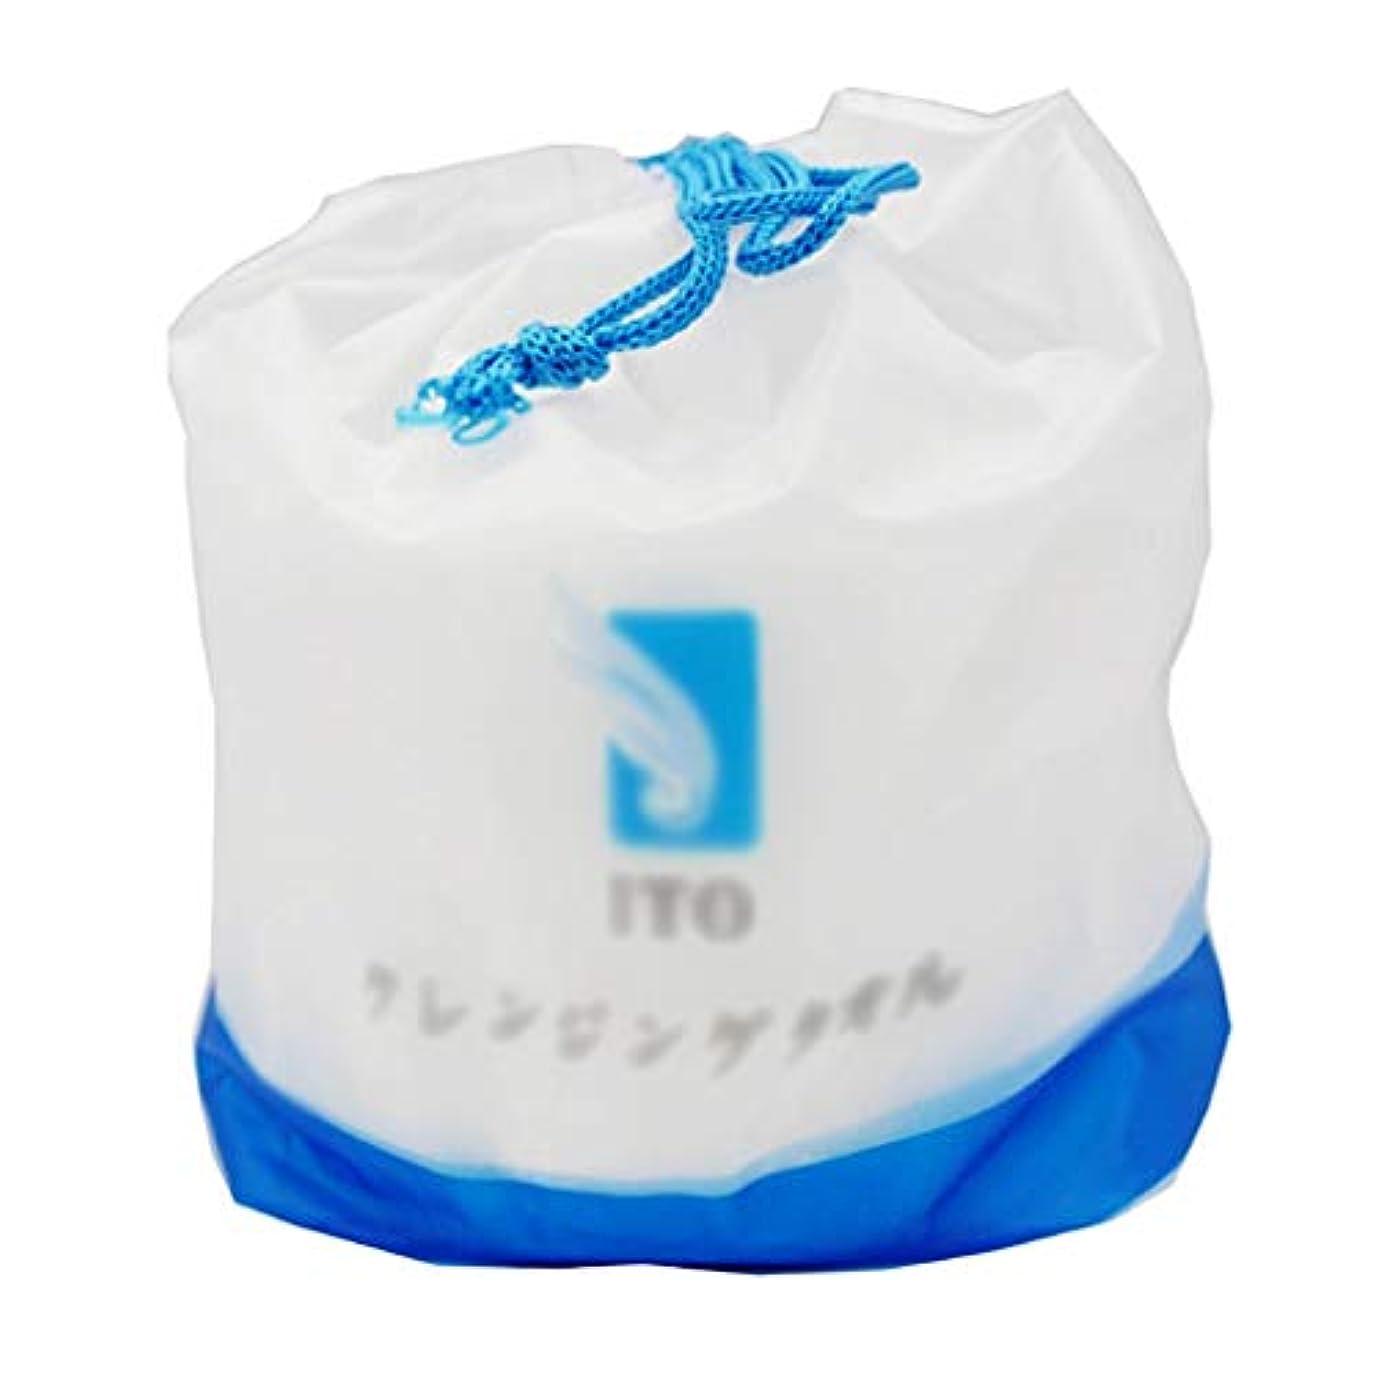 率直なストライプ堂々たるクレンジングシート 綿美容フェイスタオル使い捨てクレンジングタオルタオルロール綿パッド女性の美容ツール多目的 (Color : White, サイズ : 20*25cm)